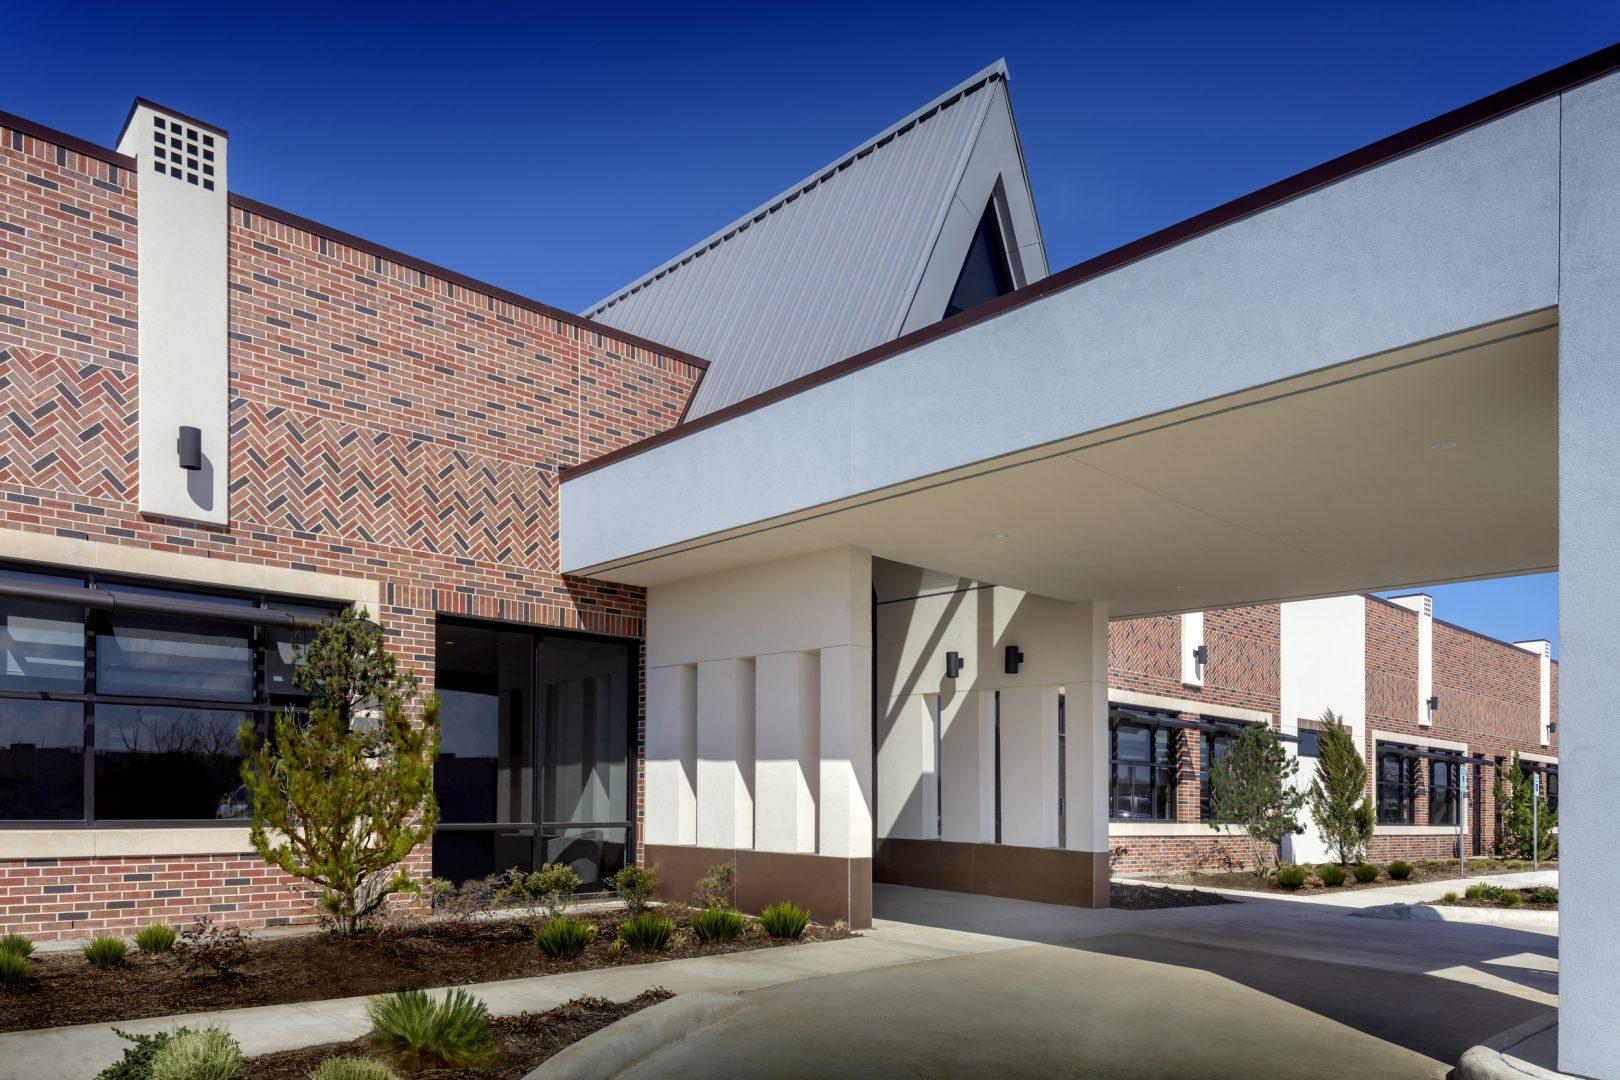 Petite Maison Montessori School Exterior Architecture Design Detail